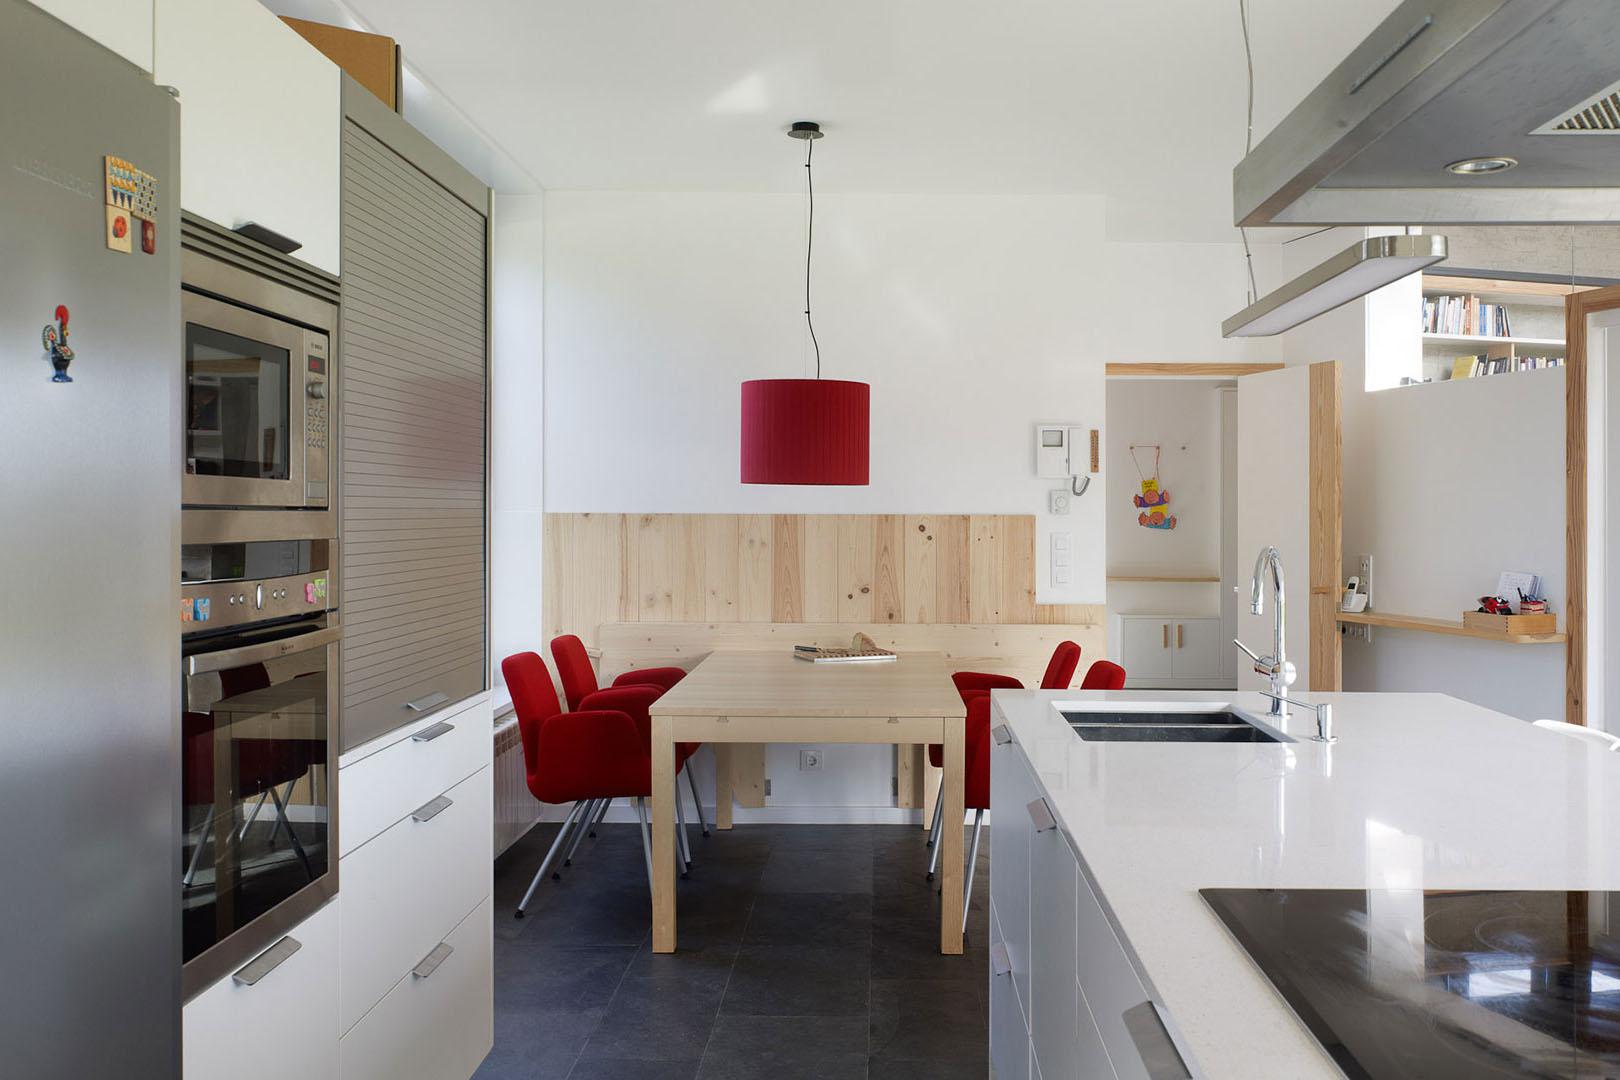 5 ideas para distribuir la cocina cocinas santos santiago interiores - Distribucion de cocina ...